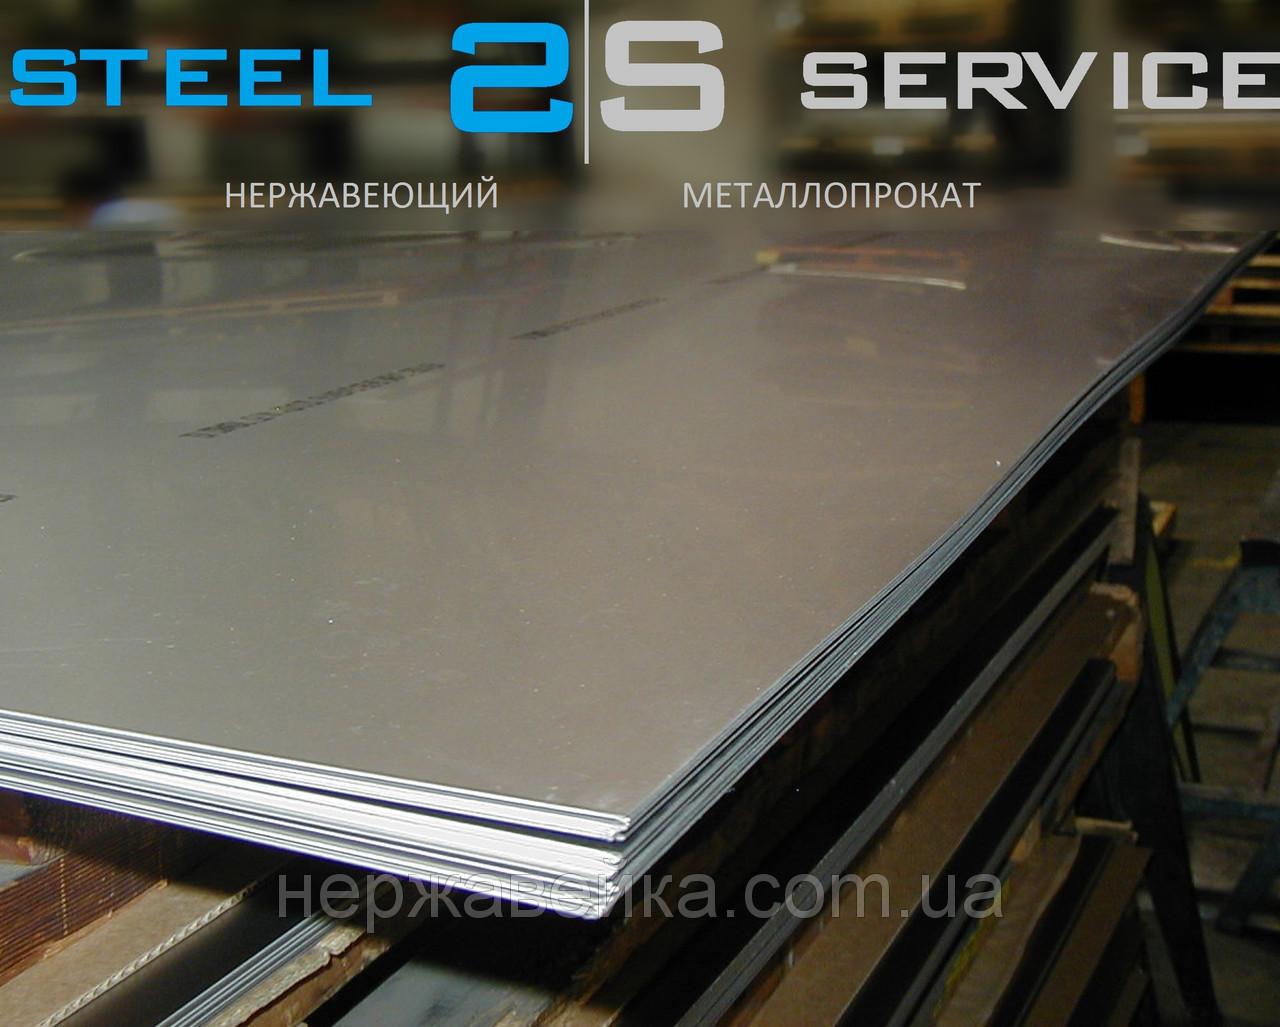 Нержавеющий лист 12х1000х2000мм  AISI 310(20Х23Н18) F1 - горячекатанный,  жаропрочный